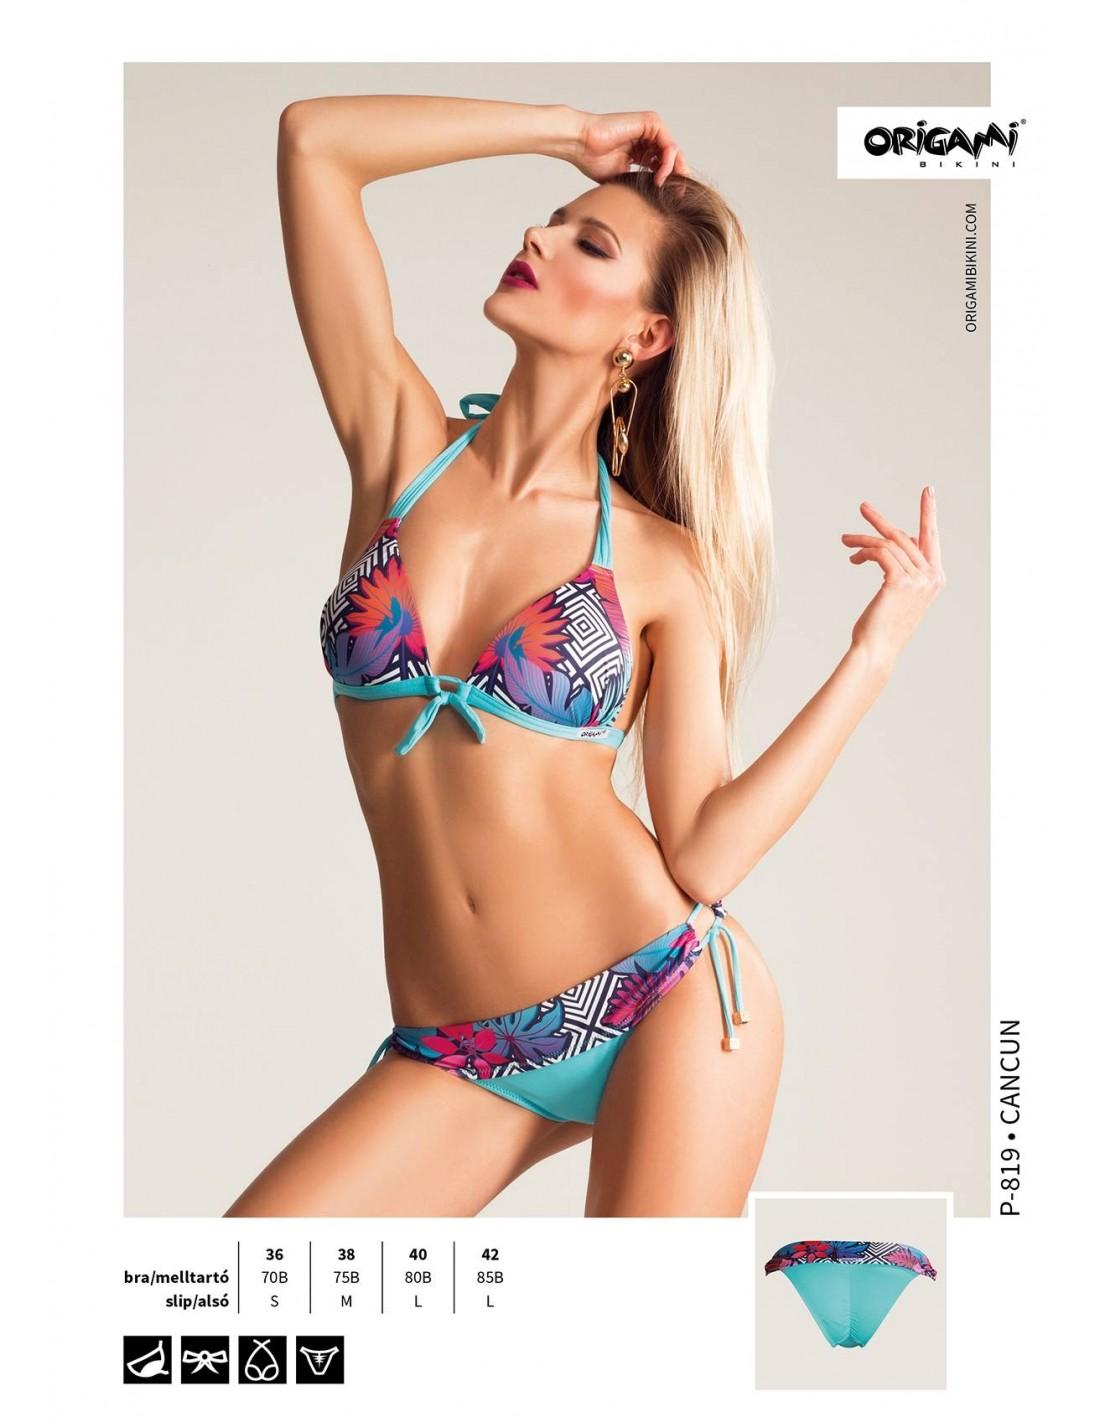 Origami Bikini Cancun P-819 Méret 70B   S   36 d1bc339ab4